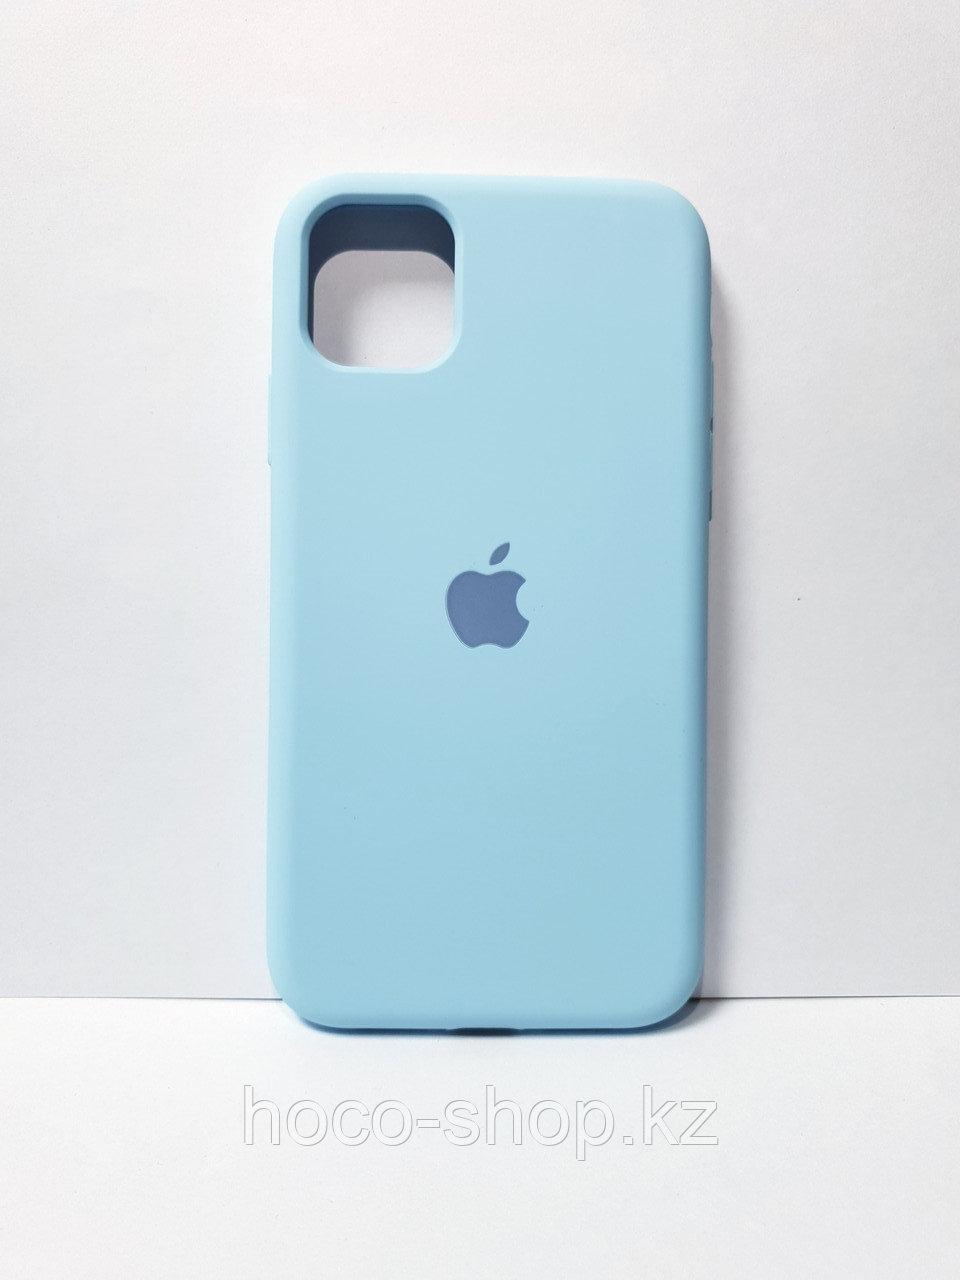 Защитный чехол для iPhone 11 Soft Touch силиконовый, голубой